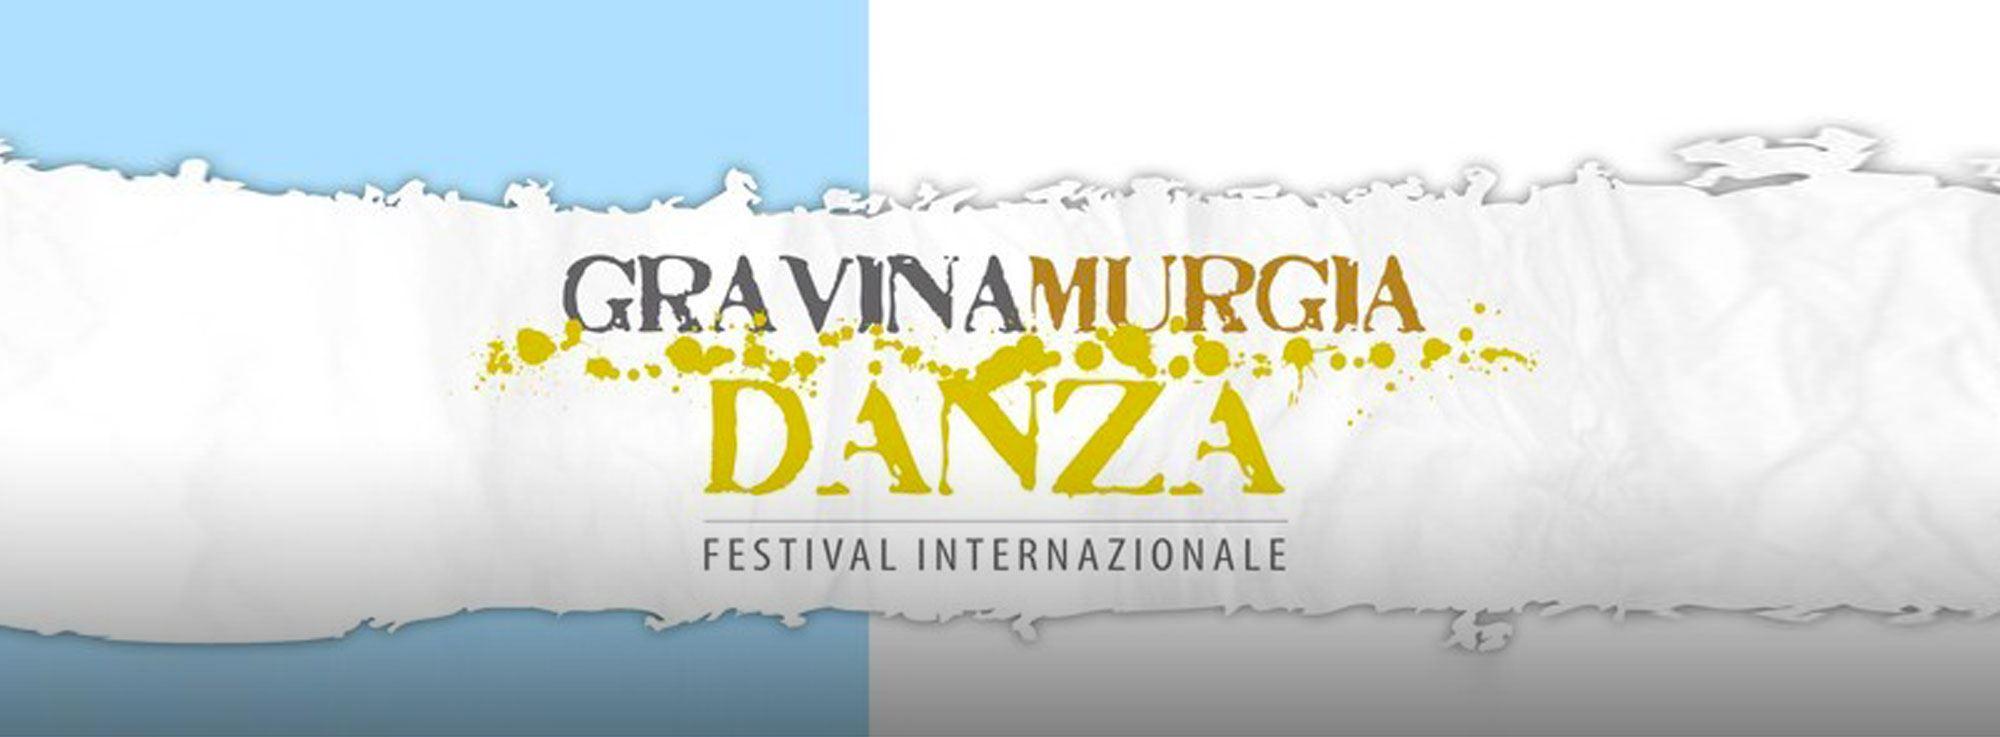 Gravina di Puglia: Gravina Murgia Danza